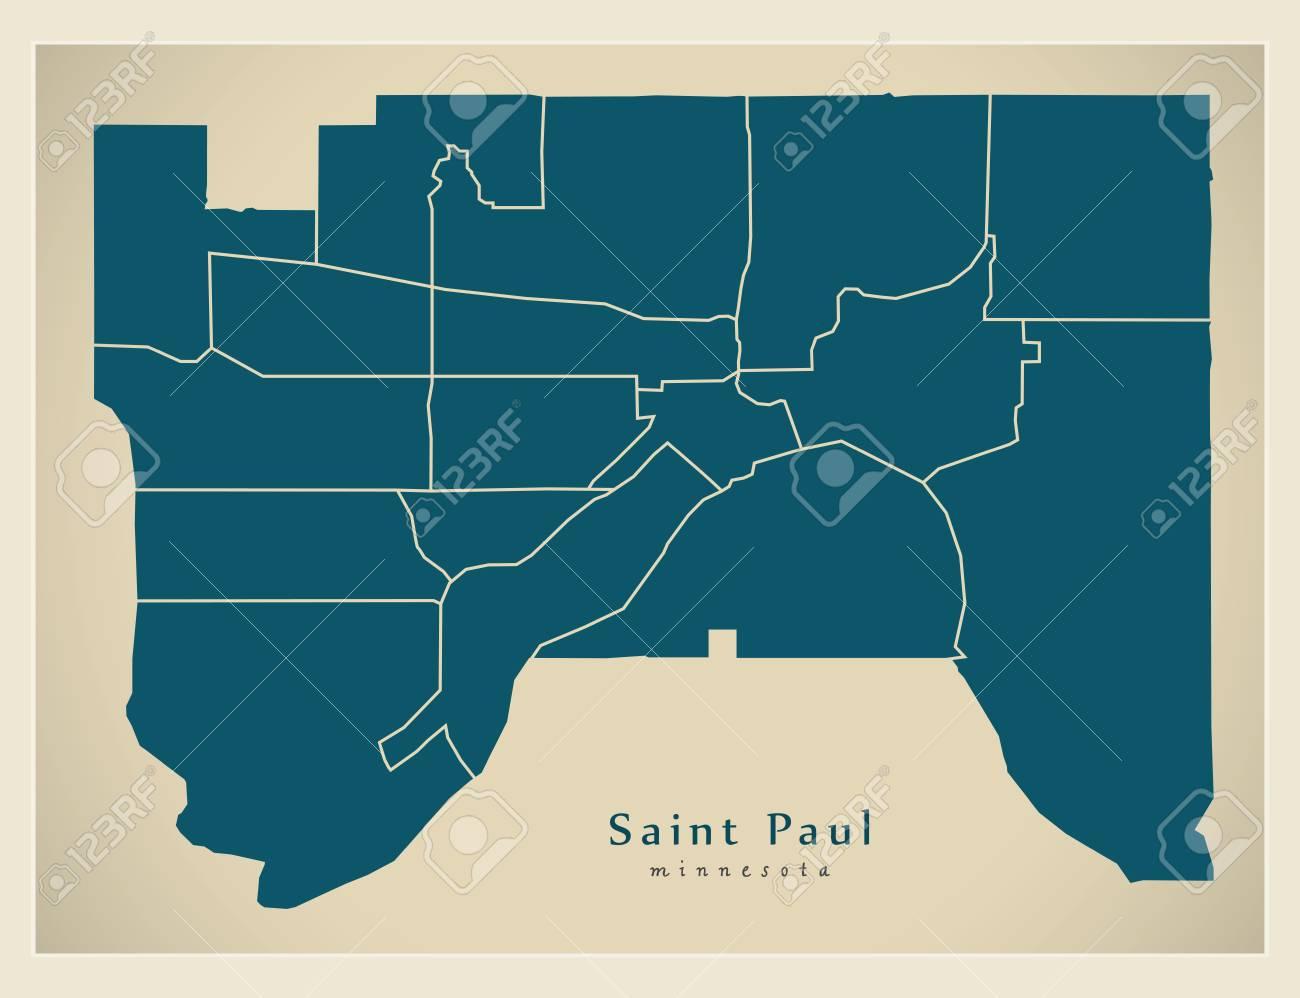 Saint Paul Minnesota On Us Map on hibbing minnesota on map, crookston minnesota on map, saint louis missouri on map, lakeville minnesota on map, saint paul minnesota christmas, roseville minnesota on map, ely minnesota on map, champlin minnesota on map, mankato minnesota on map, oakdale minnesota on map, minneapolis minnesota on map, moorhead minnesota on map, pipestone minnesota on map, bloomington minnesota on map, rosemount minnesota on map, brainerd minnesota on map, rochester minnesota on map, buffalo minnesota on map, new hope minnesota on map, duluth minnesota on map,